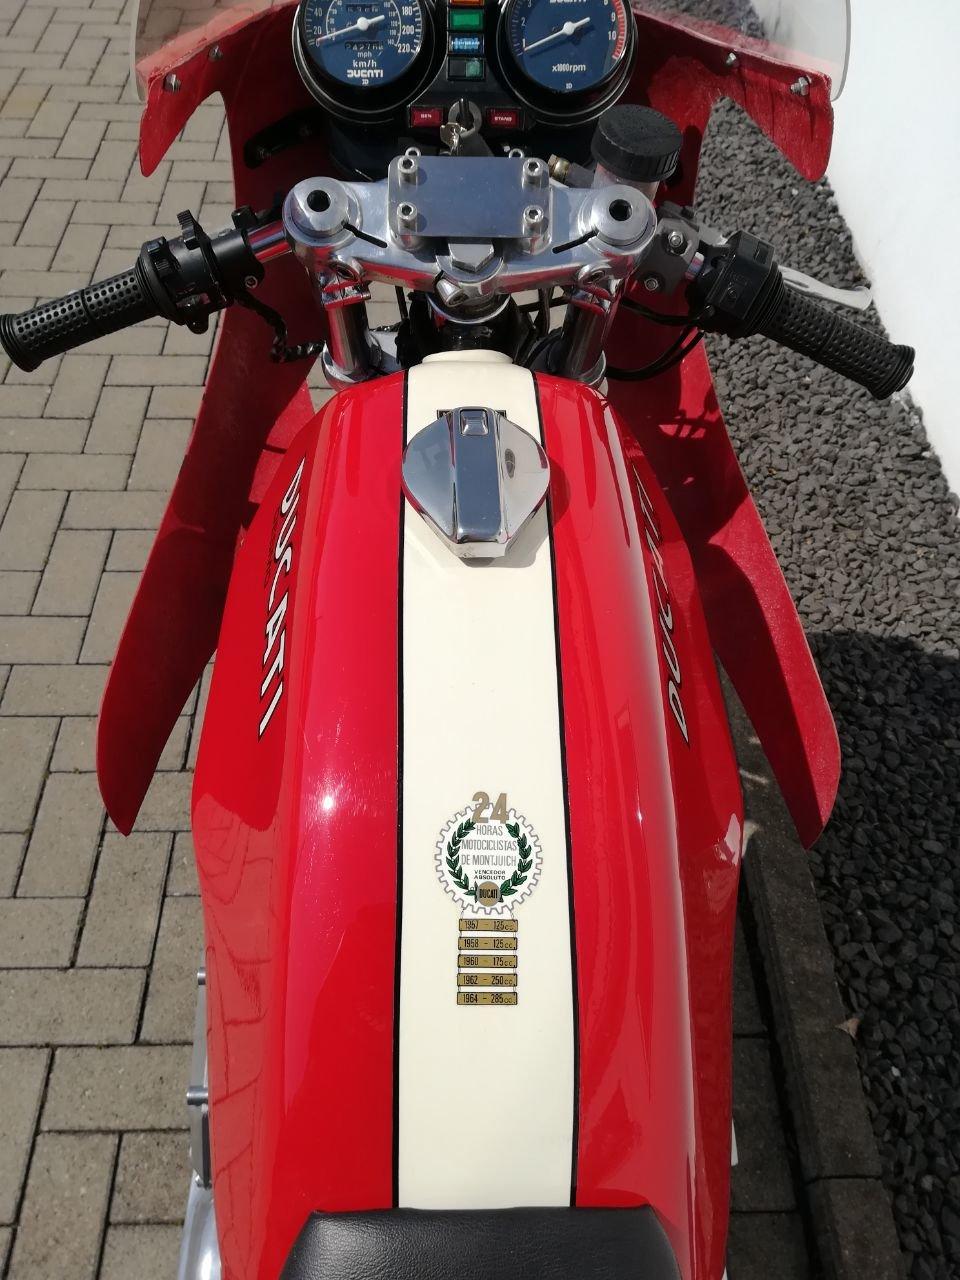 1983 Ducati 900 SS / D Imola Replica Bevel Desmo For Sale (picture 5 of 6)